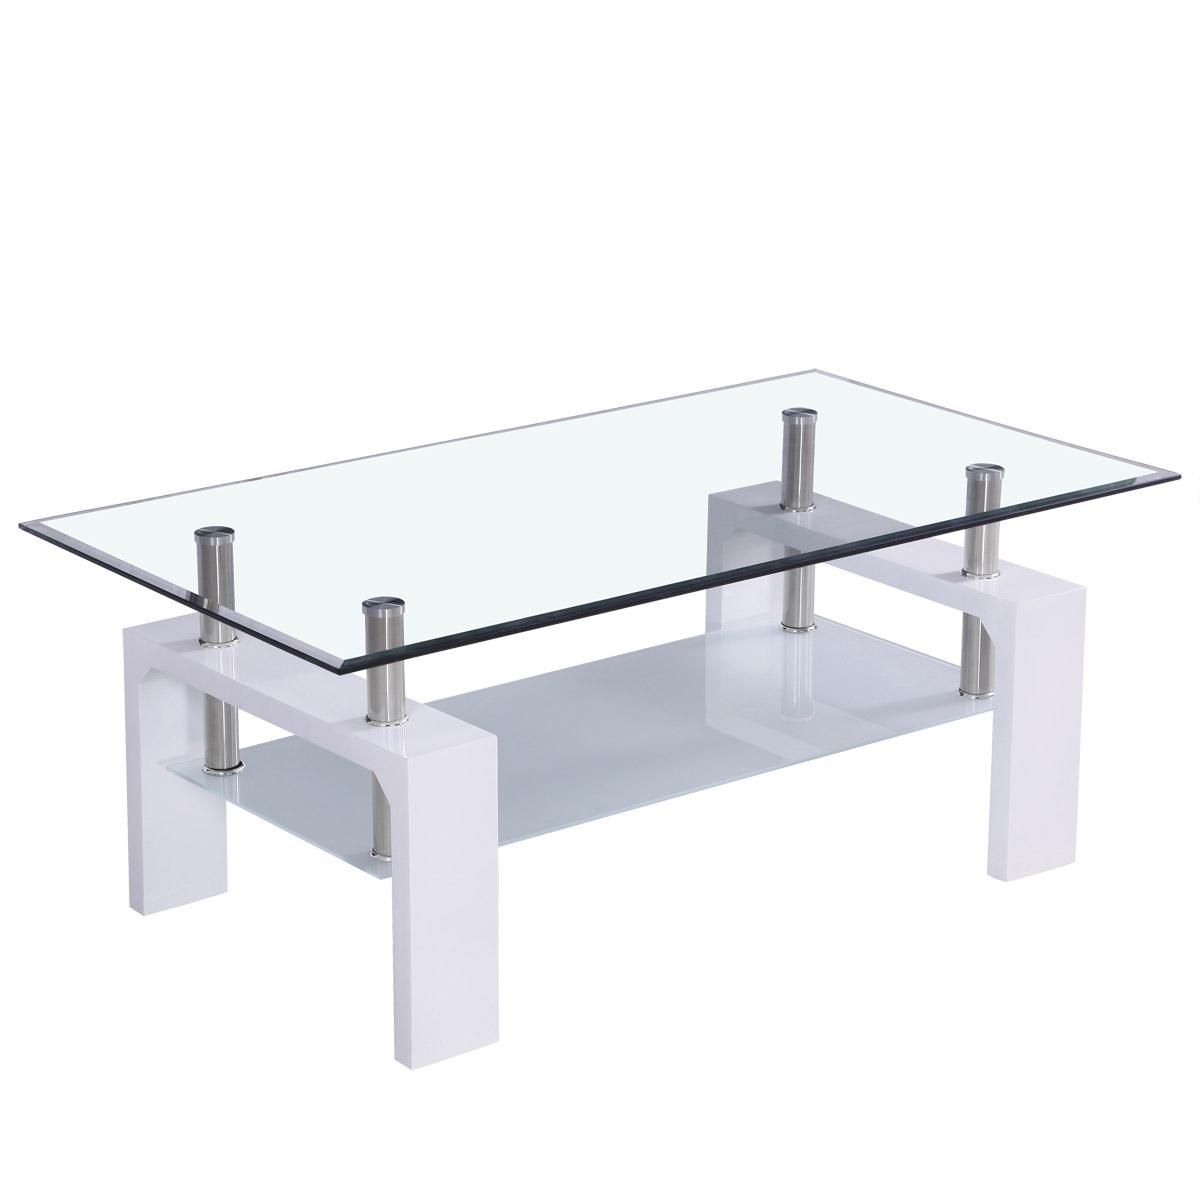 corium couchtisch tisch glastisch weiss beistelltisch wohnzimmer hochglanz eur 53 90. Black Bedroom Furniture Sets. Home Design Ideas